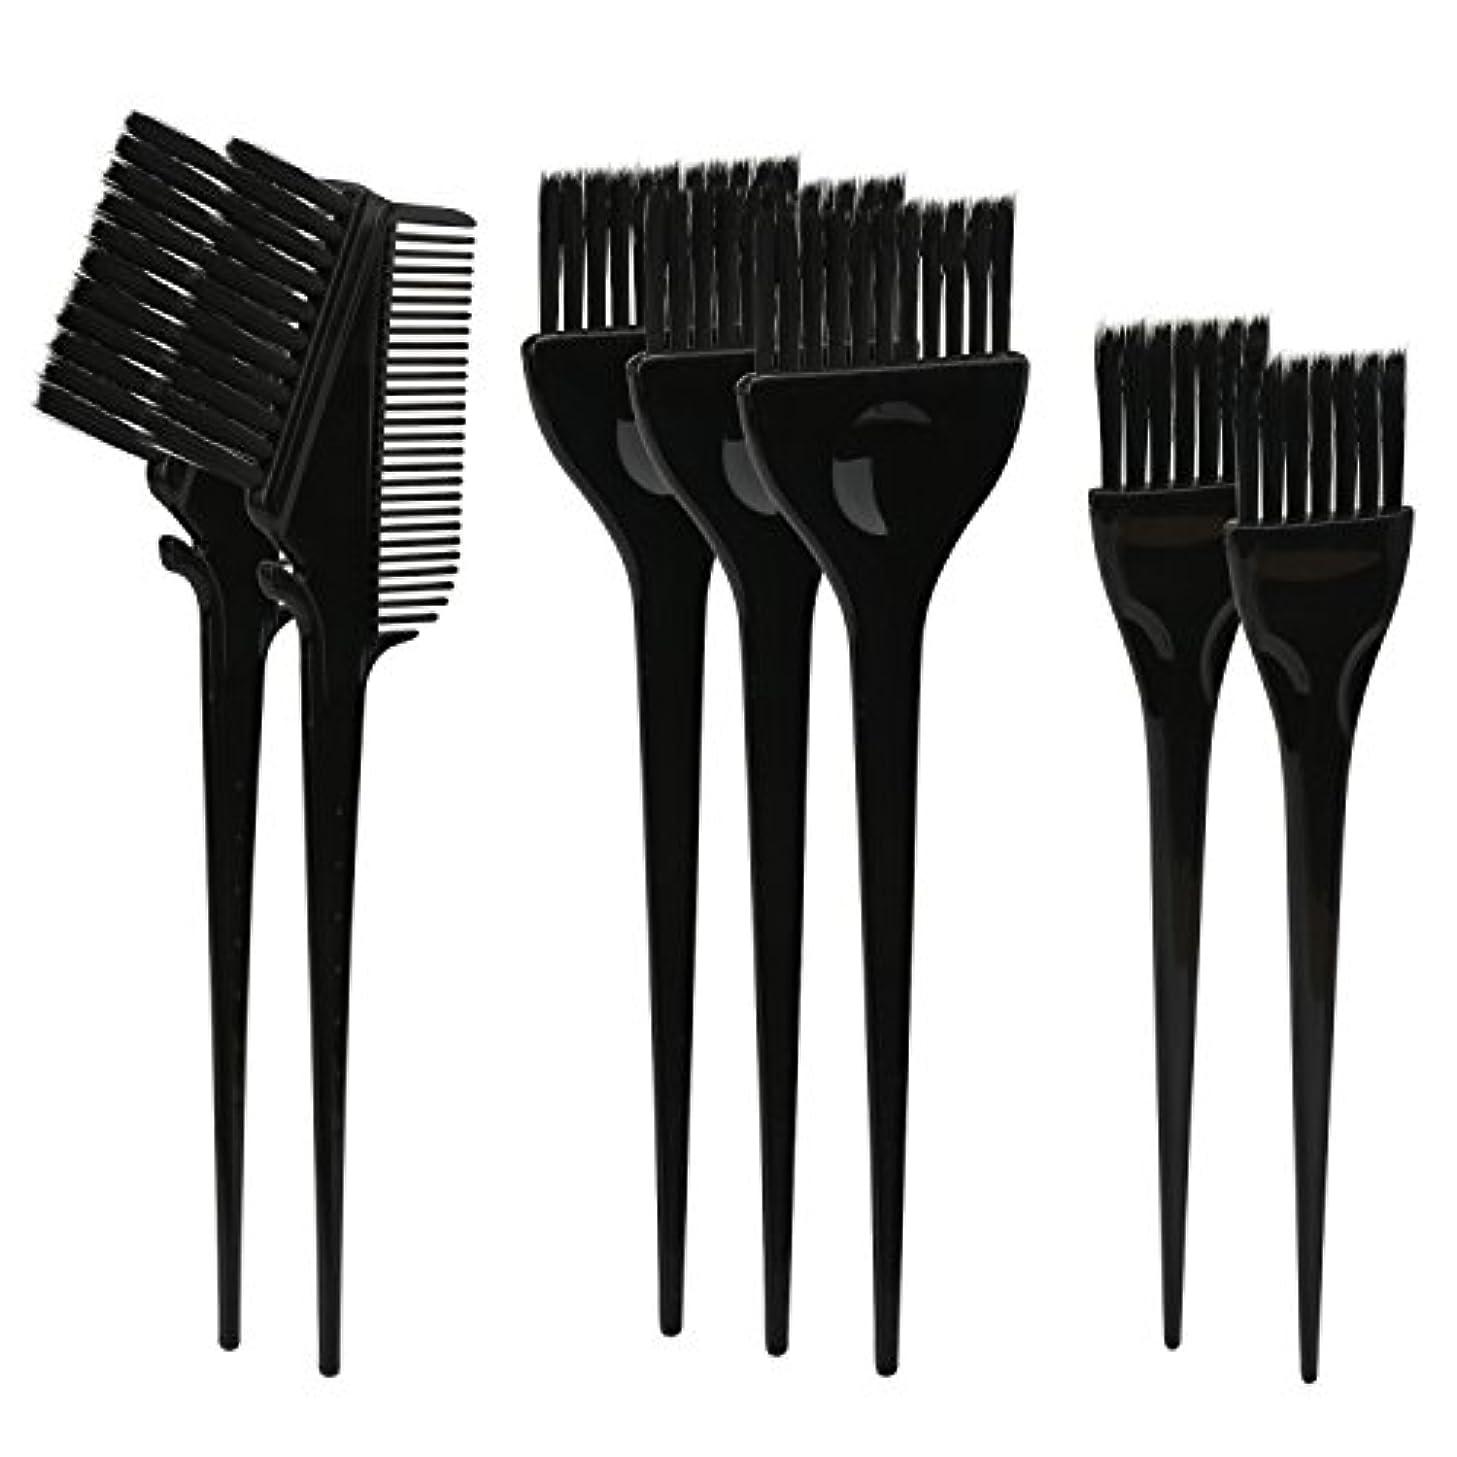 静かに赤外線に負けるSegbeauty ヘアカラー DIY プロ髪染め用のブラシ 7pcs 美髪師用 サロン工具セット